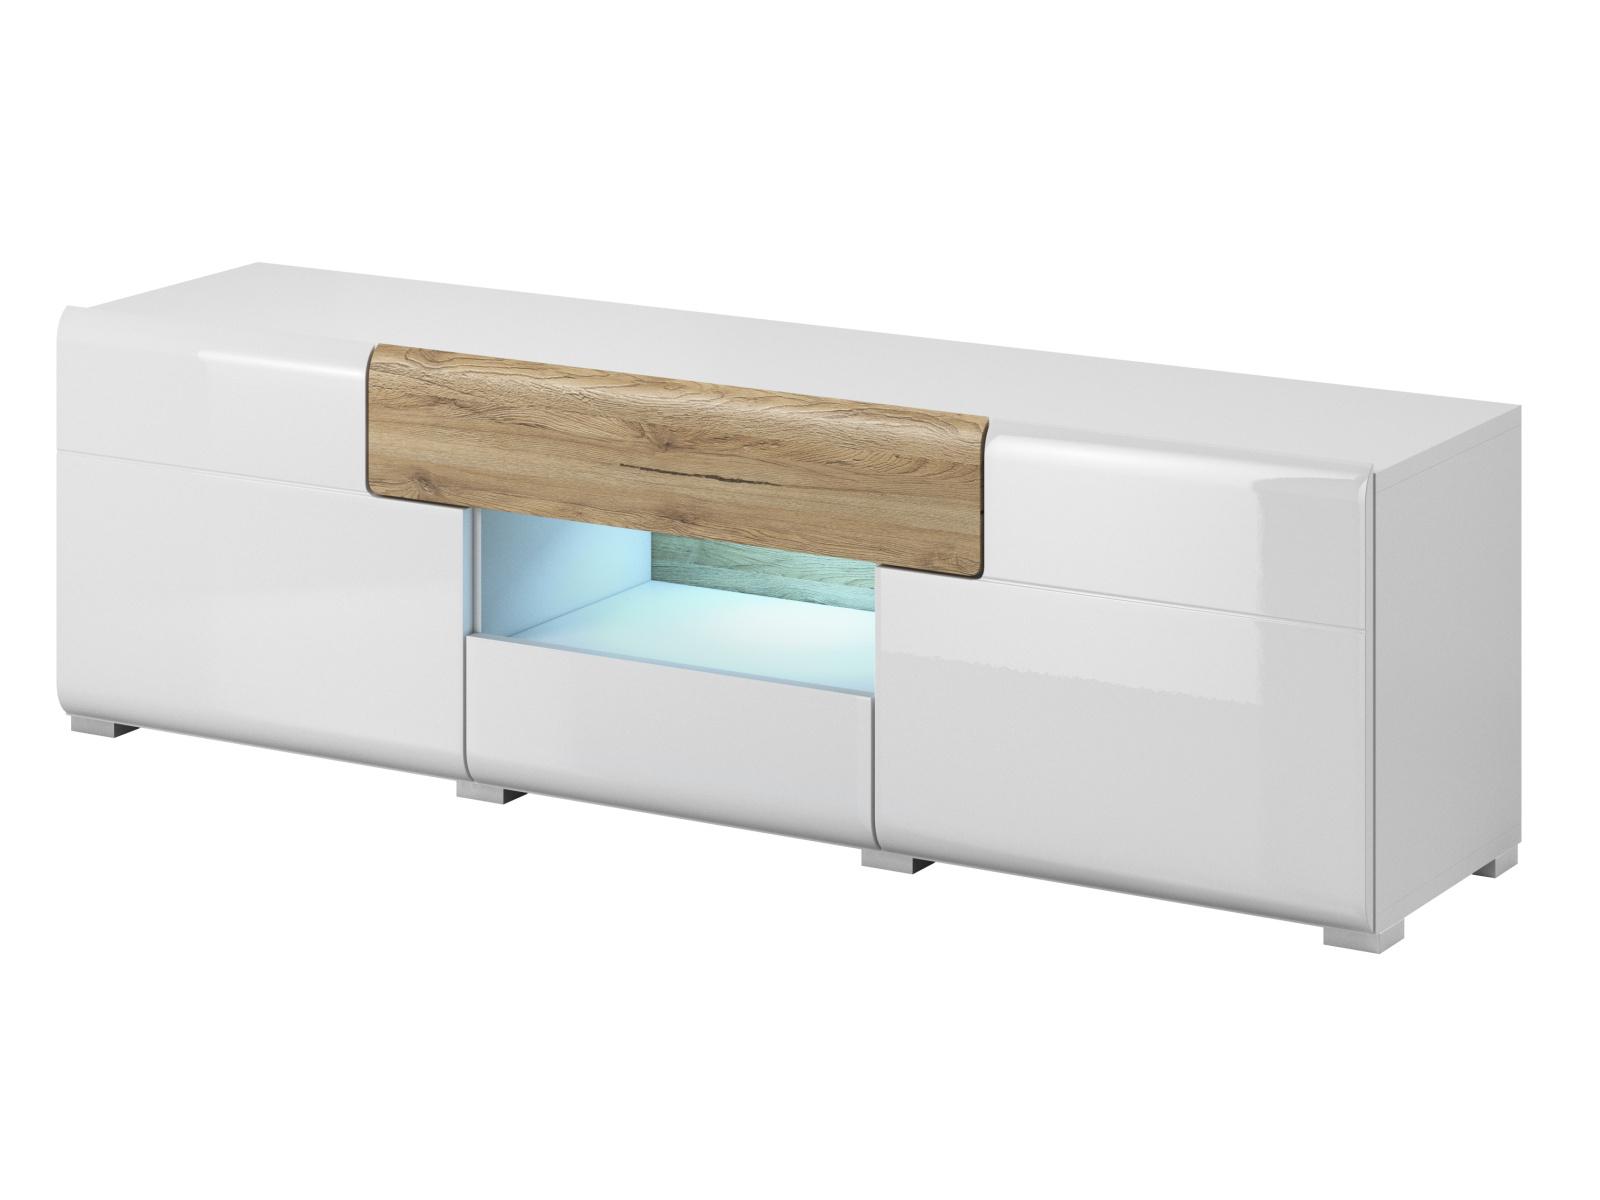 Smartshop TOLEDO TV stolek TYP 41, dub san remo/bilá lesk